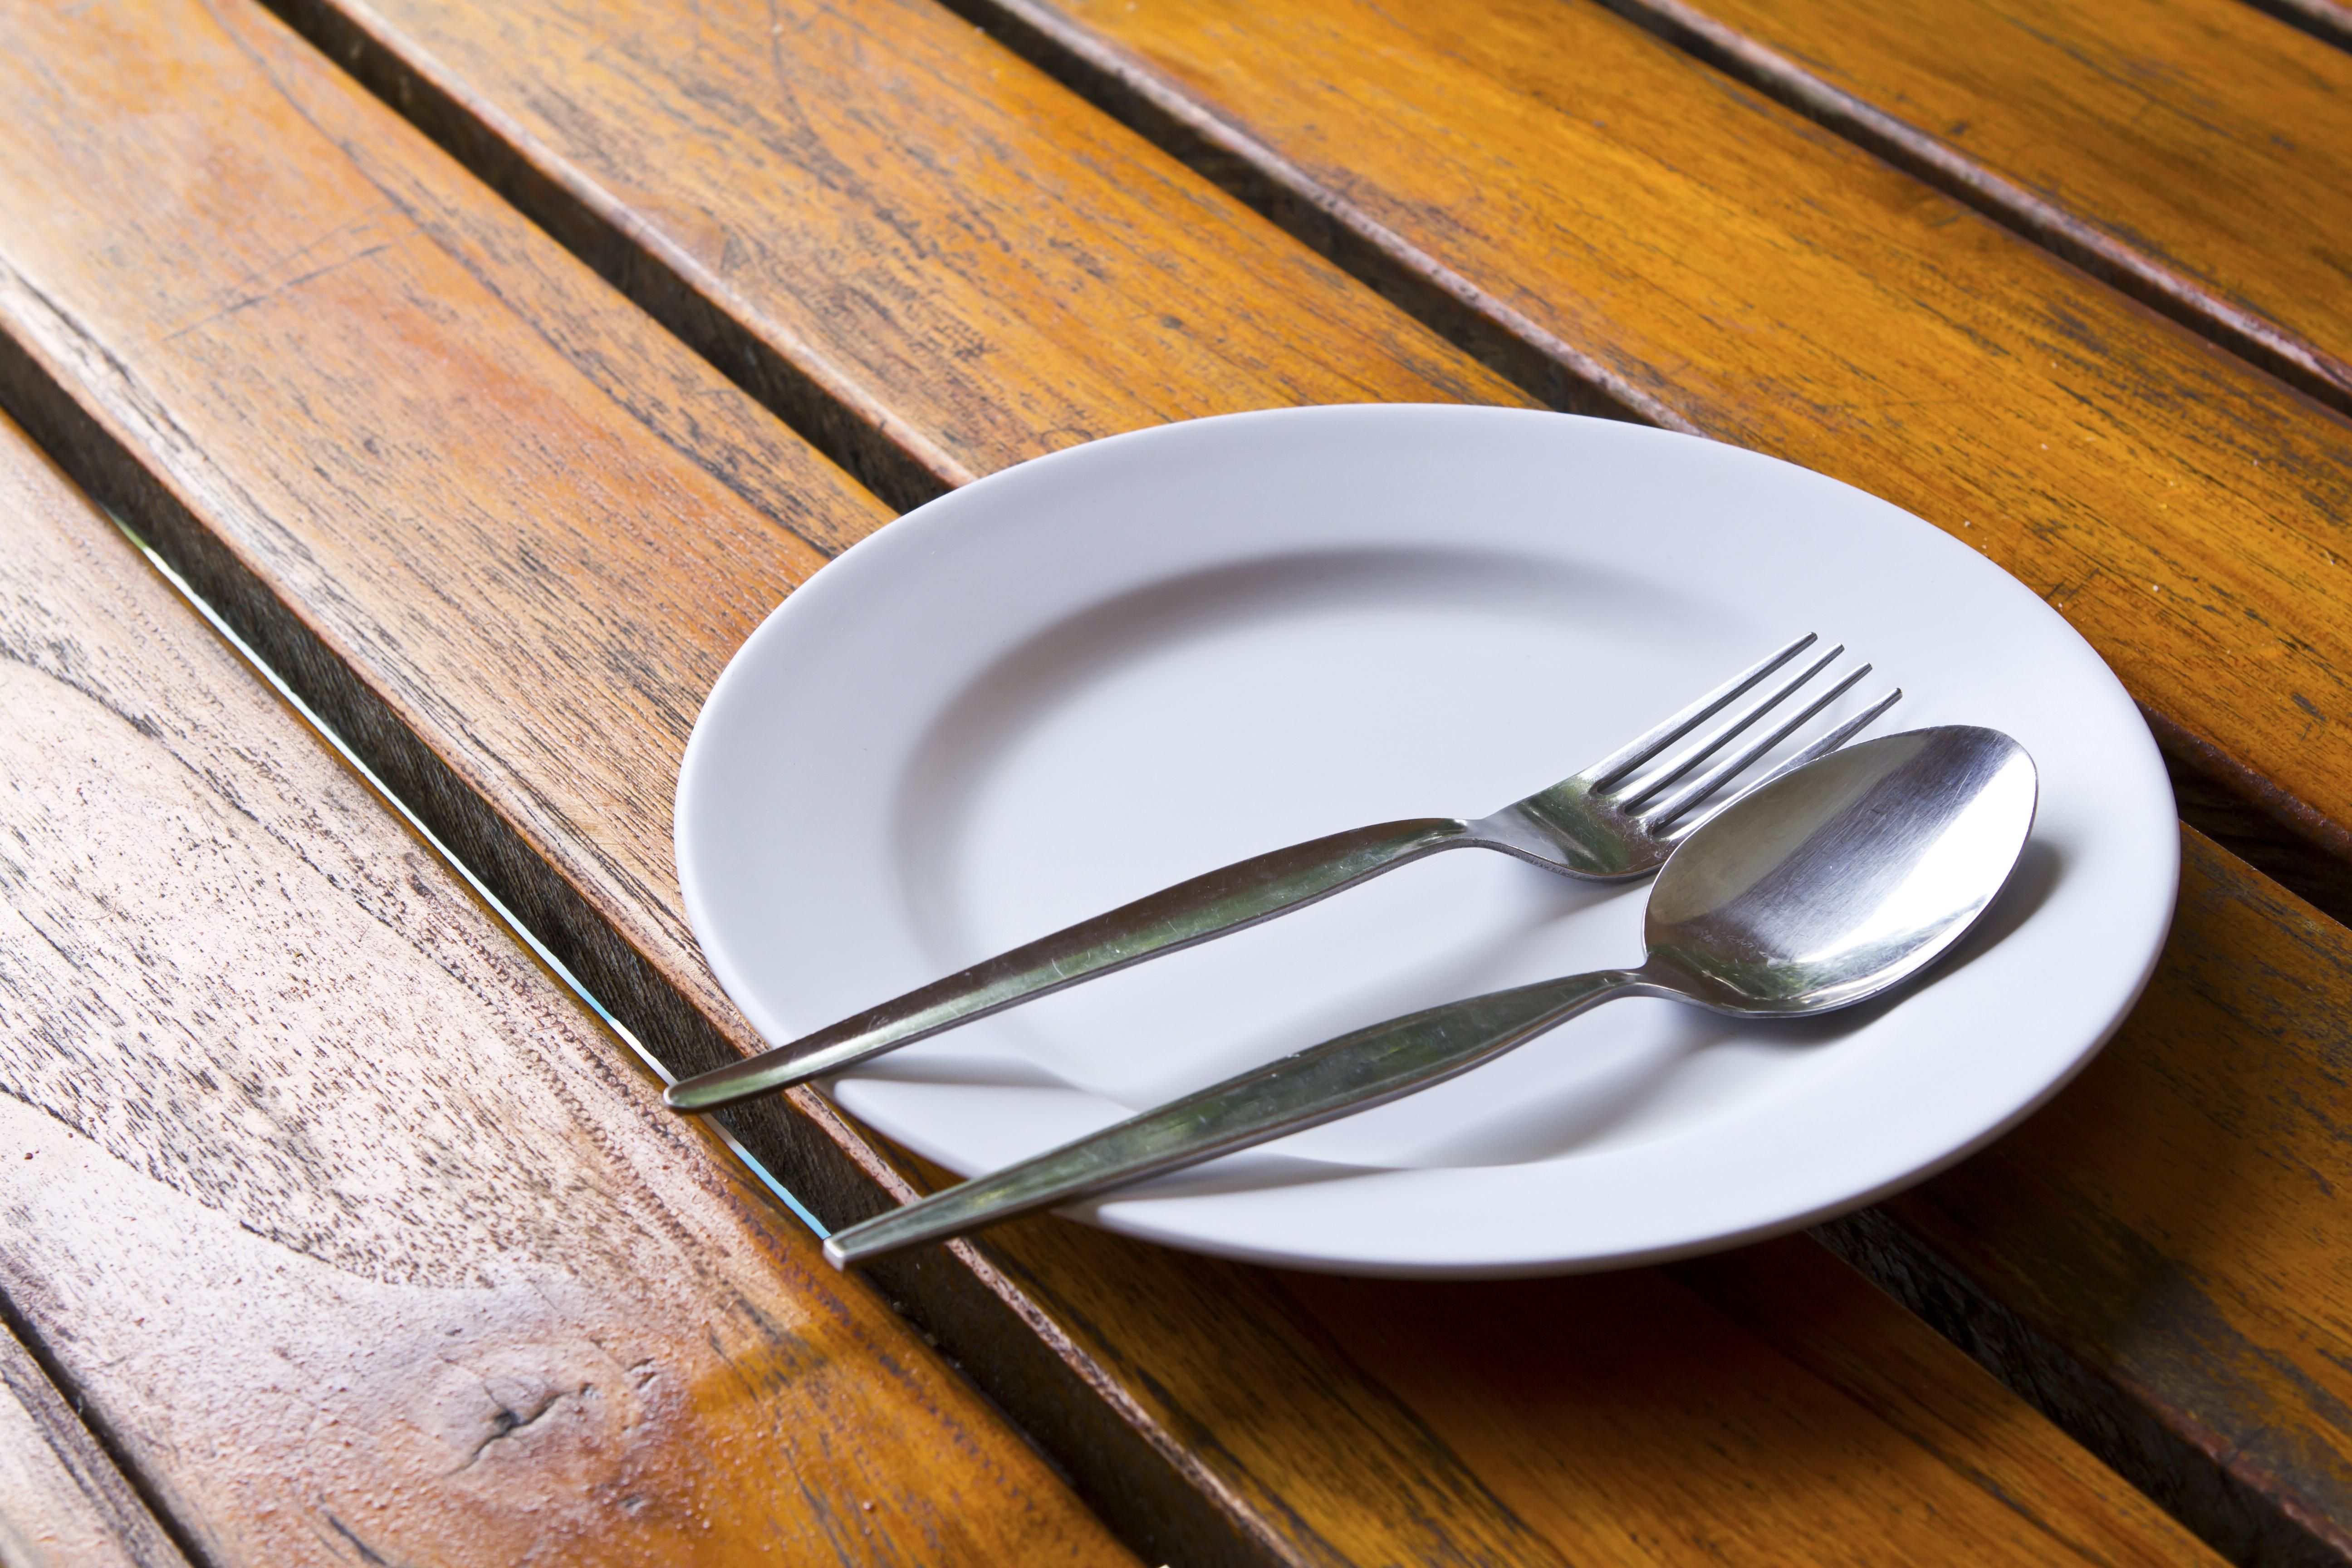 hlad, 5 tipov, ako prekonať hlad: poznáš hormón ghrelín?